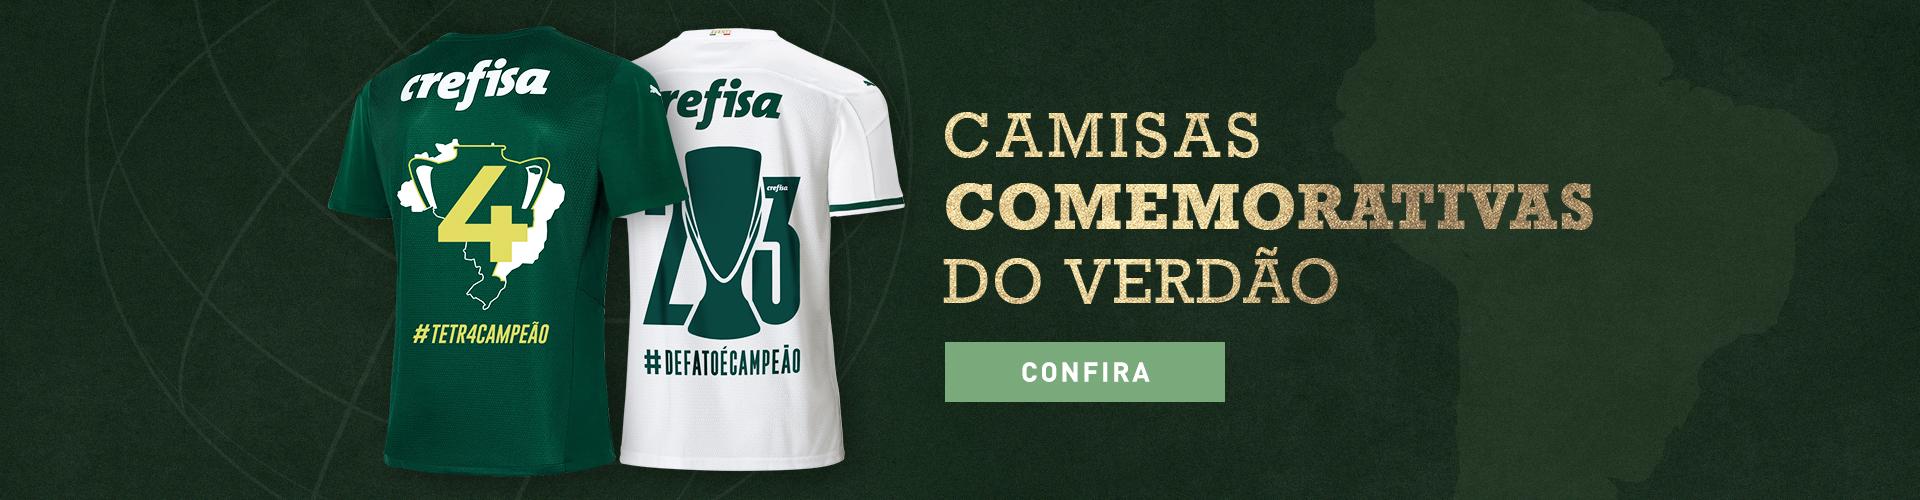 Copa do Brasil - camisas comemorativas